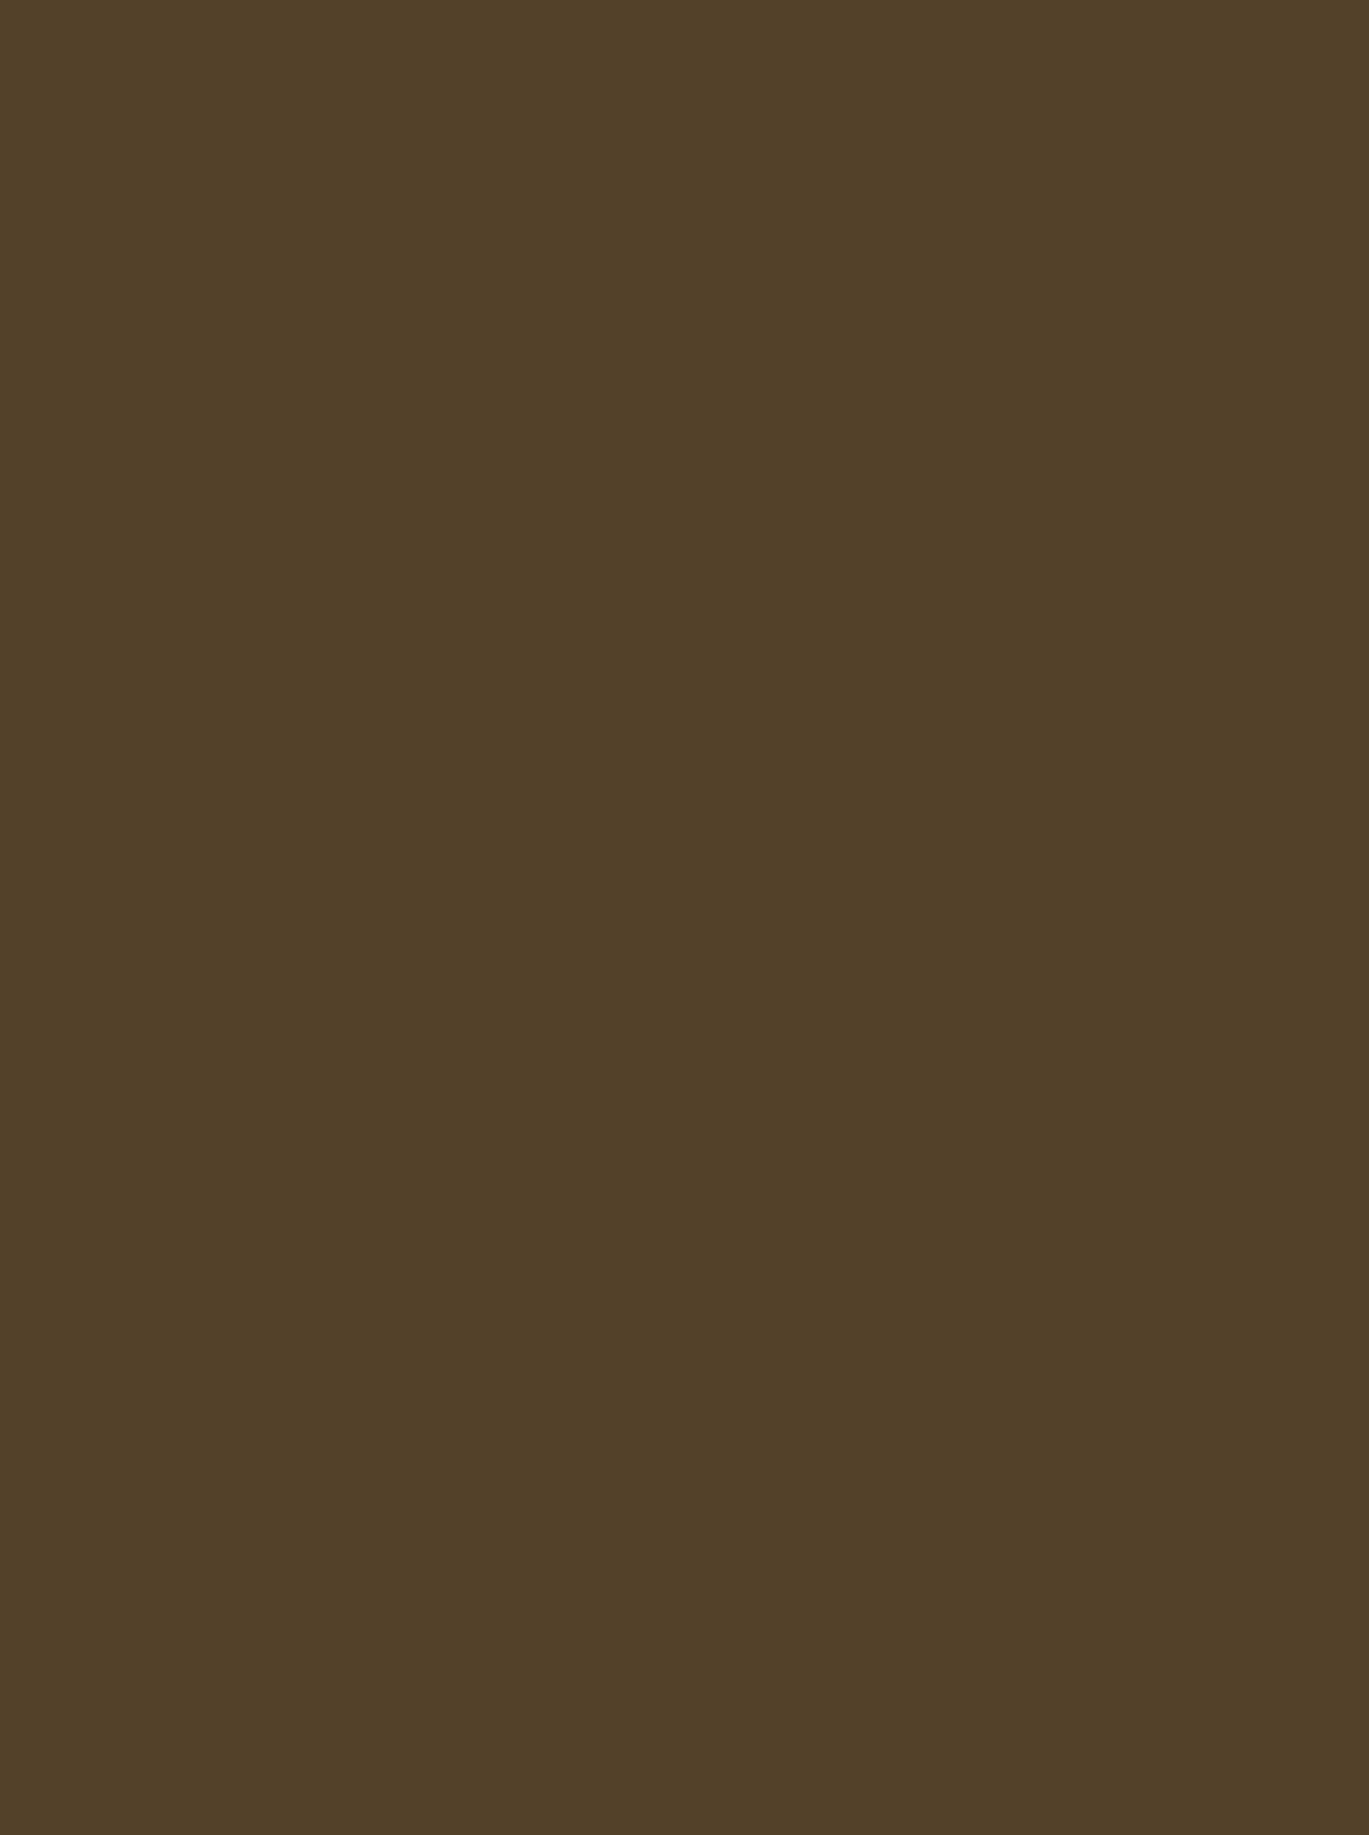 Лермонтов - мцыри: читать полностью онлайн текст поэмы михаила юрьевича лермонтова - стих на рустих